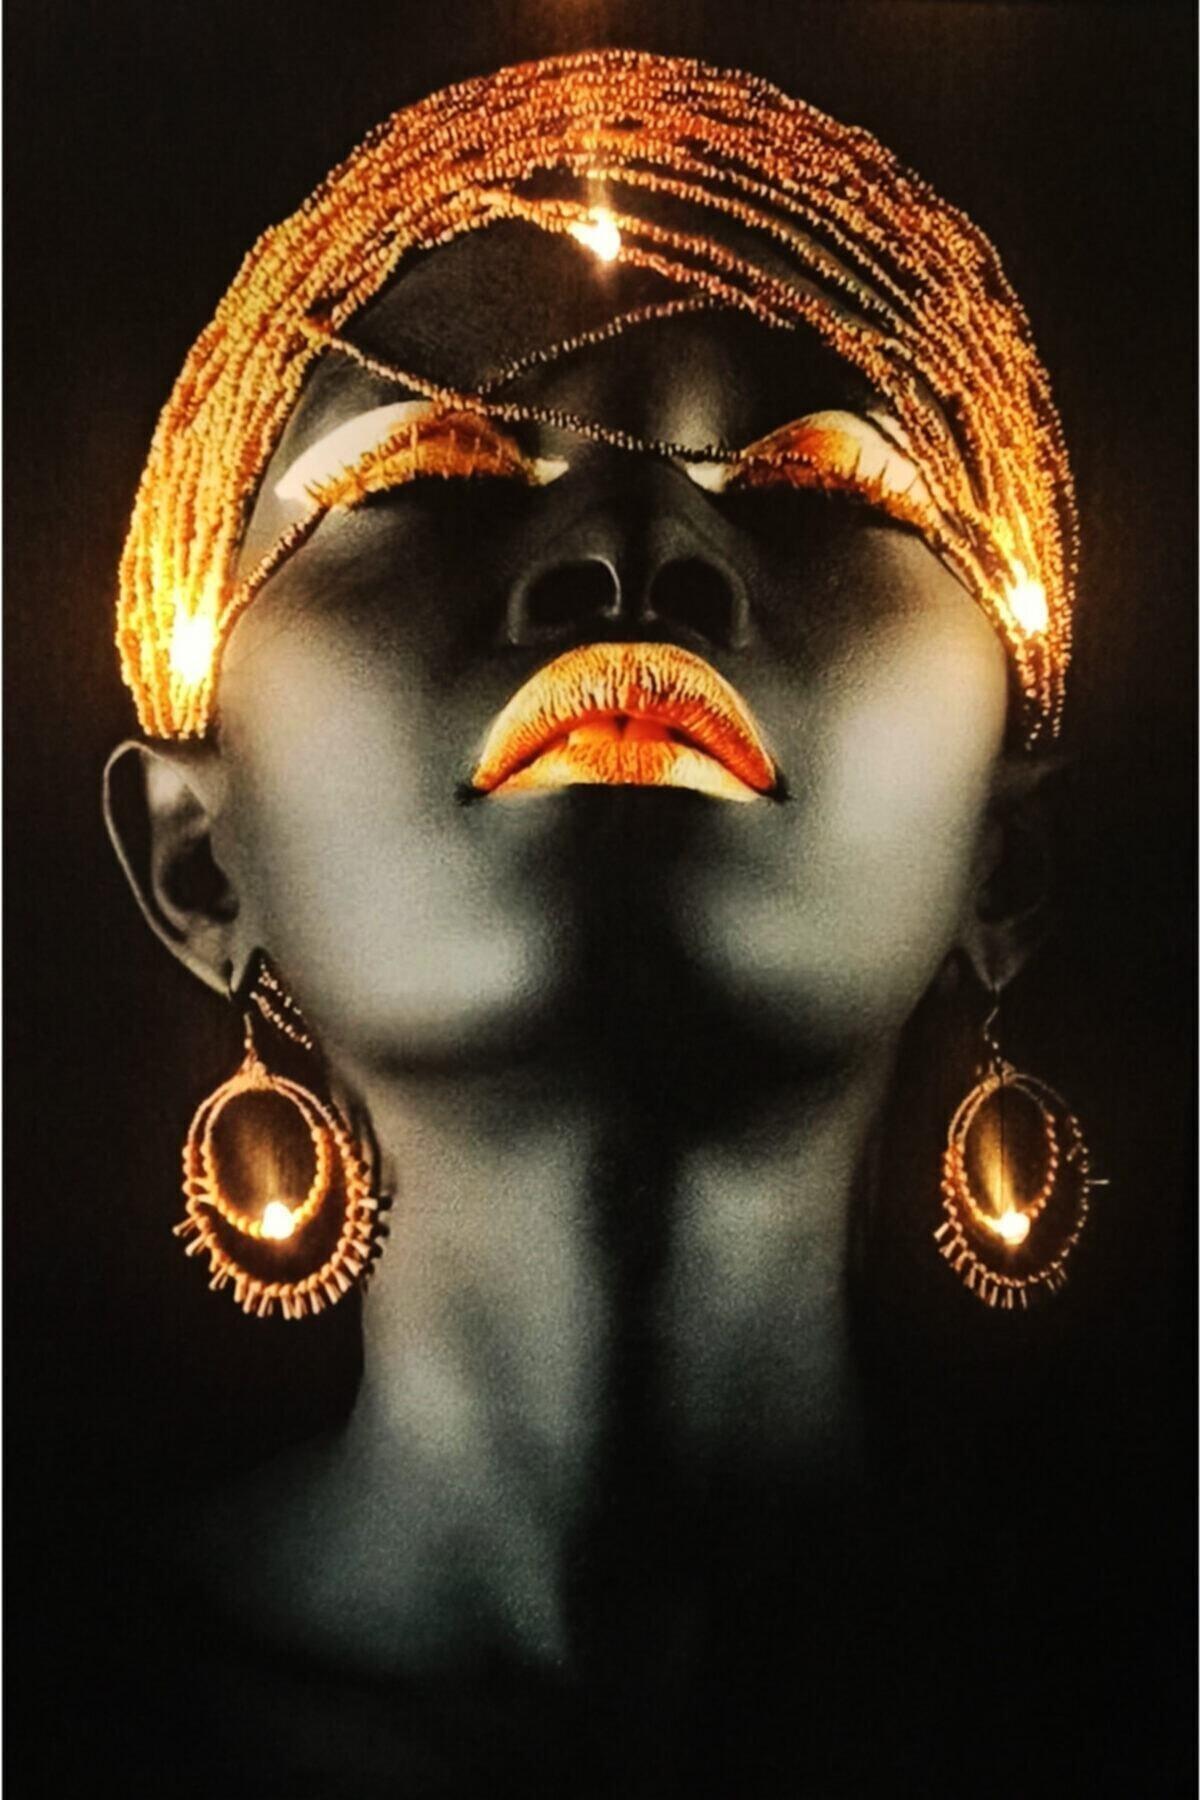 Kanvas Tablo Afrikalı Kadın 45x65 Cm Led'li Işıklı Ledli Asma Aparatı Hediyeli